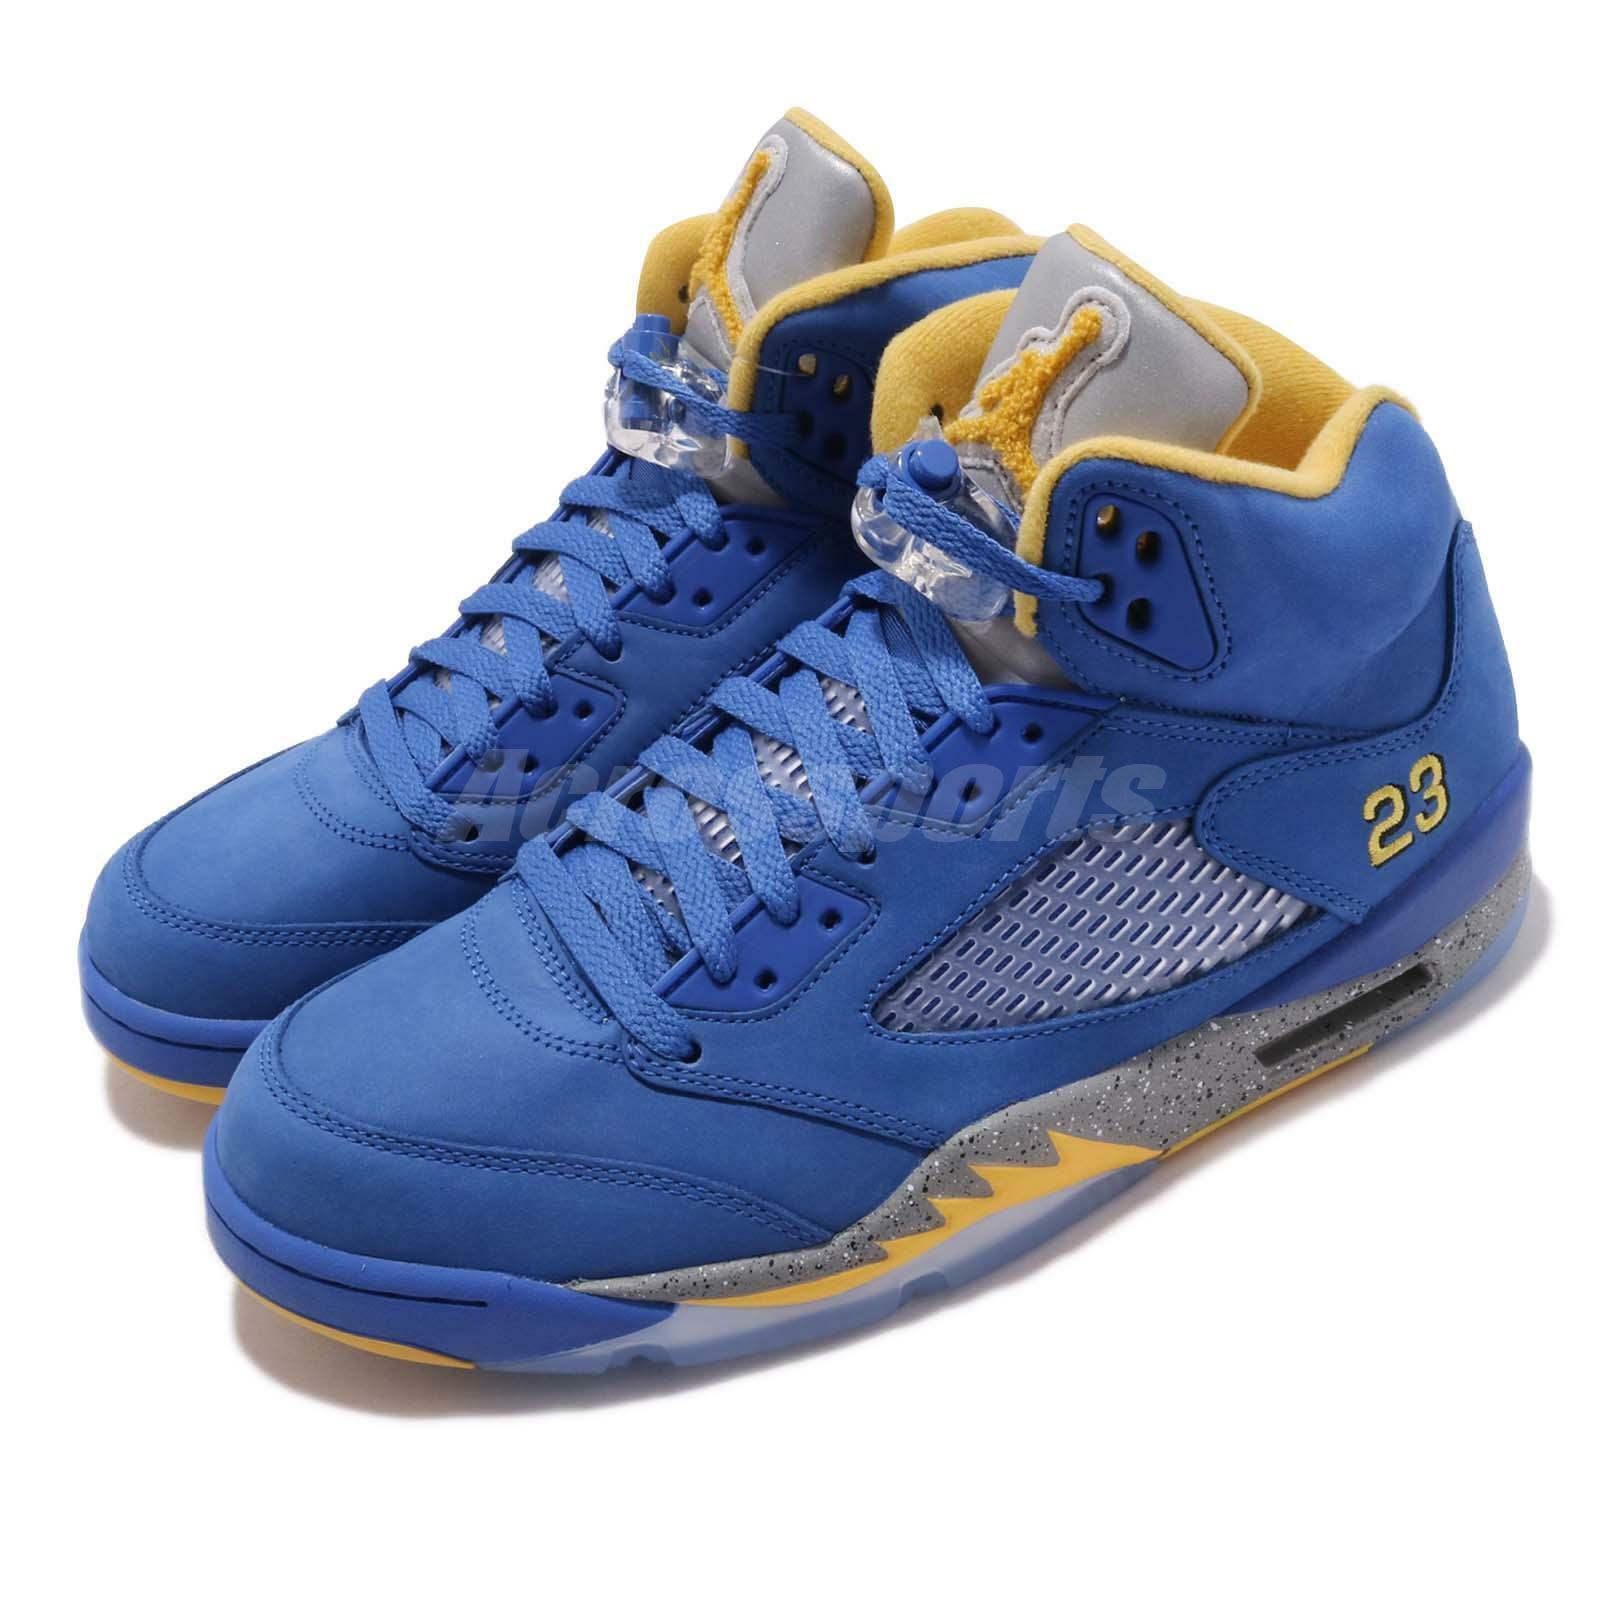 6b1074d46967 Air Jordan 5 V Laney JSP Mens Cd2720-400 Varsity Royal Maize Shoes ...